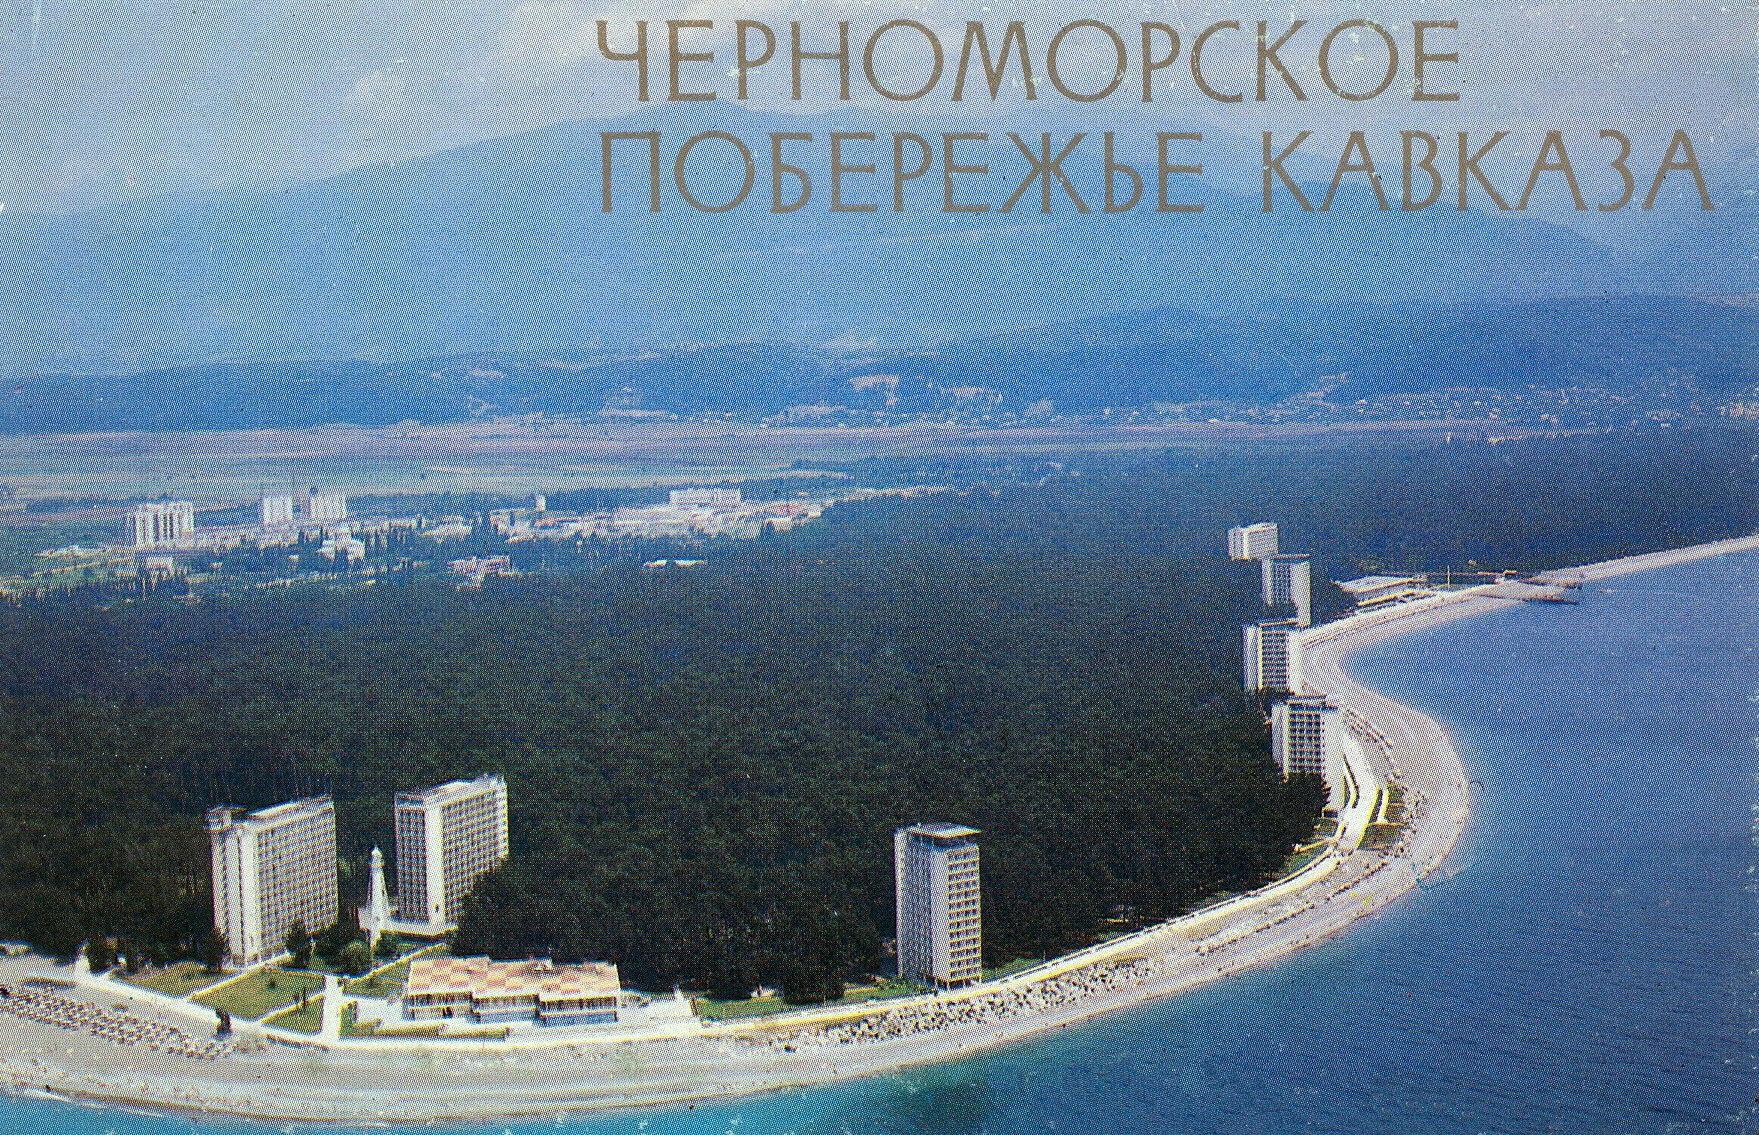 ZAVODFOTO / История городов России в фотографиях: Черноморское побережье Кавказа в 1983 году